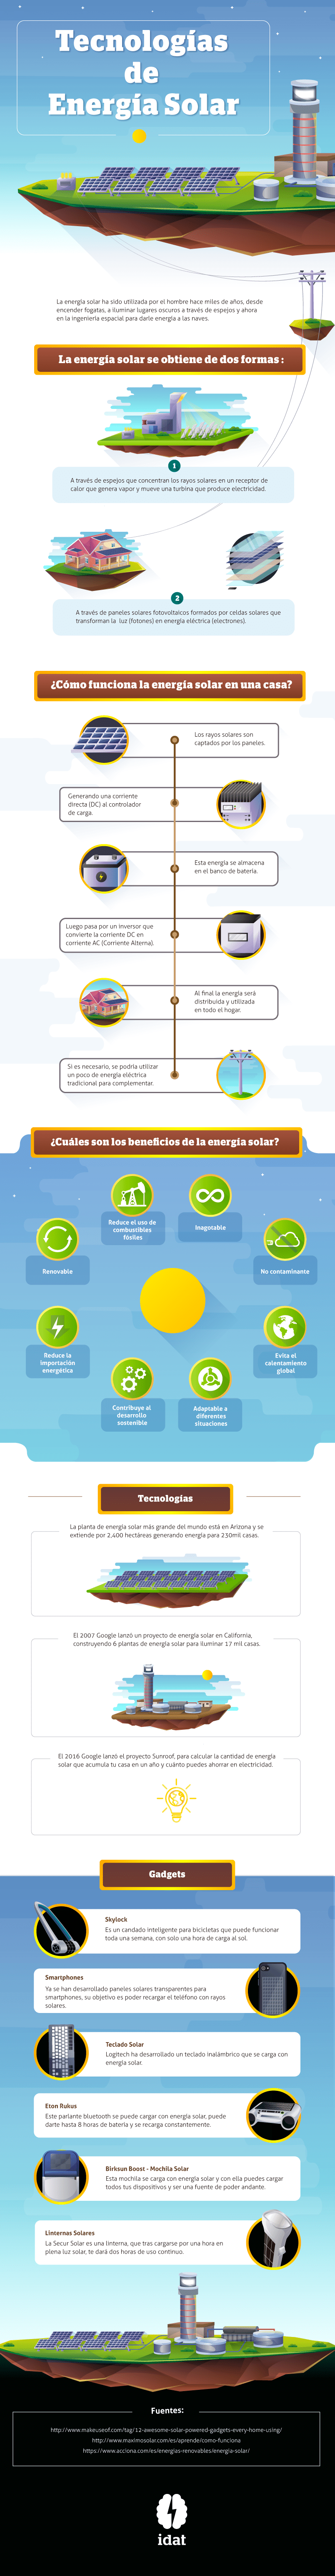 Infografía sobre Ambiente